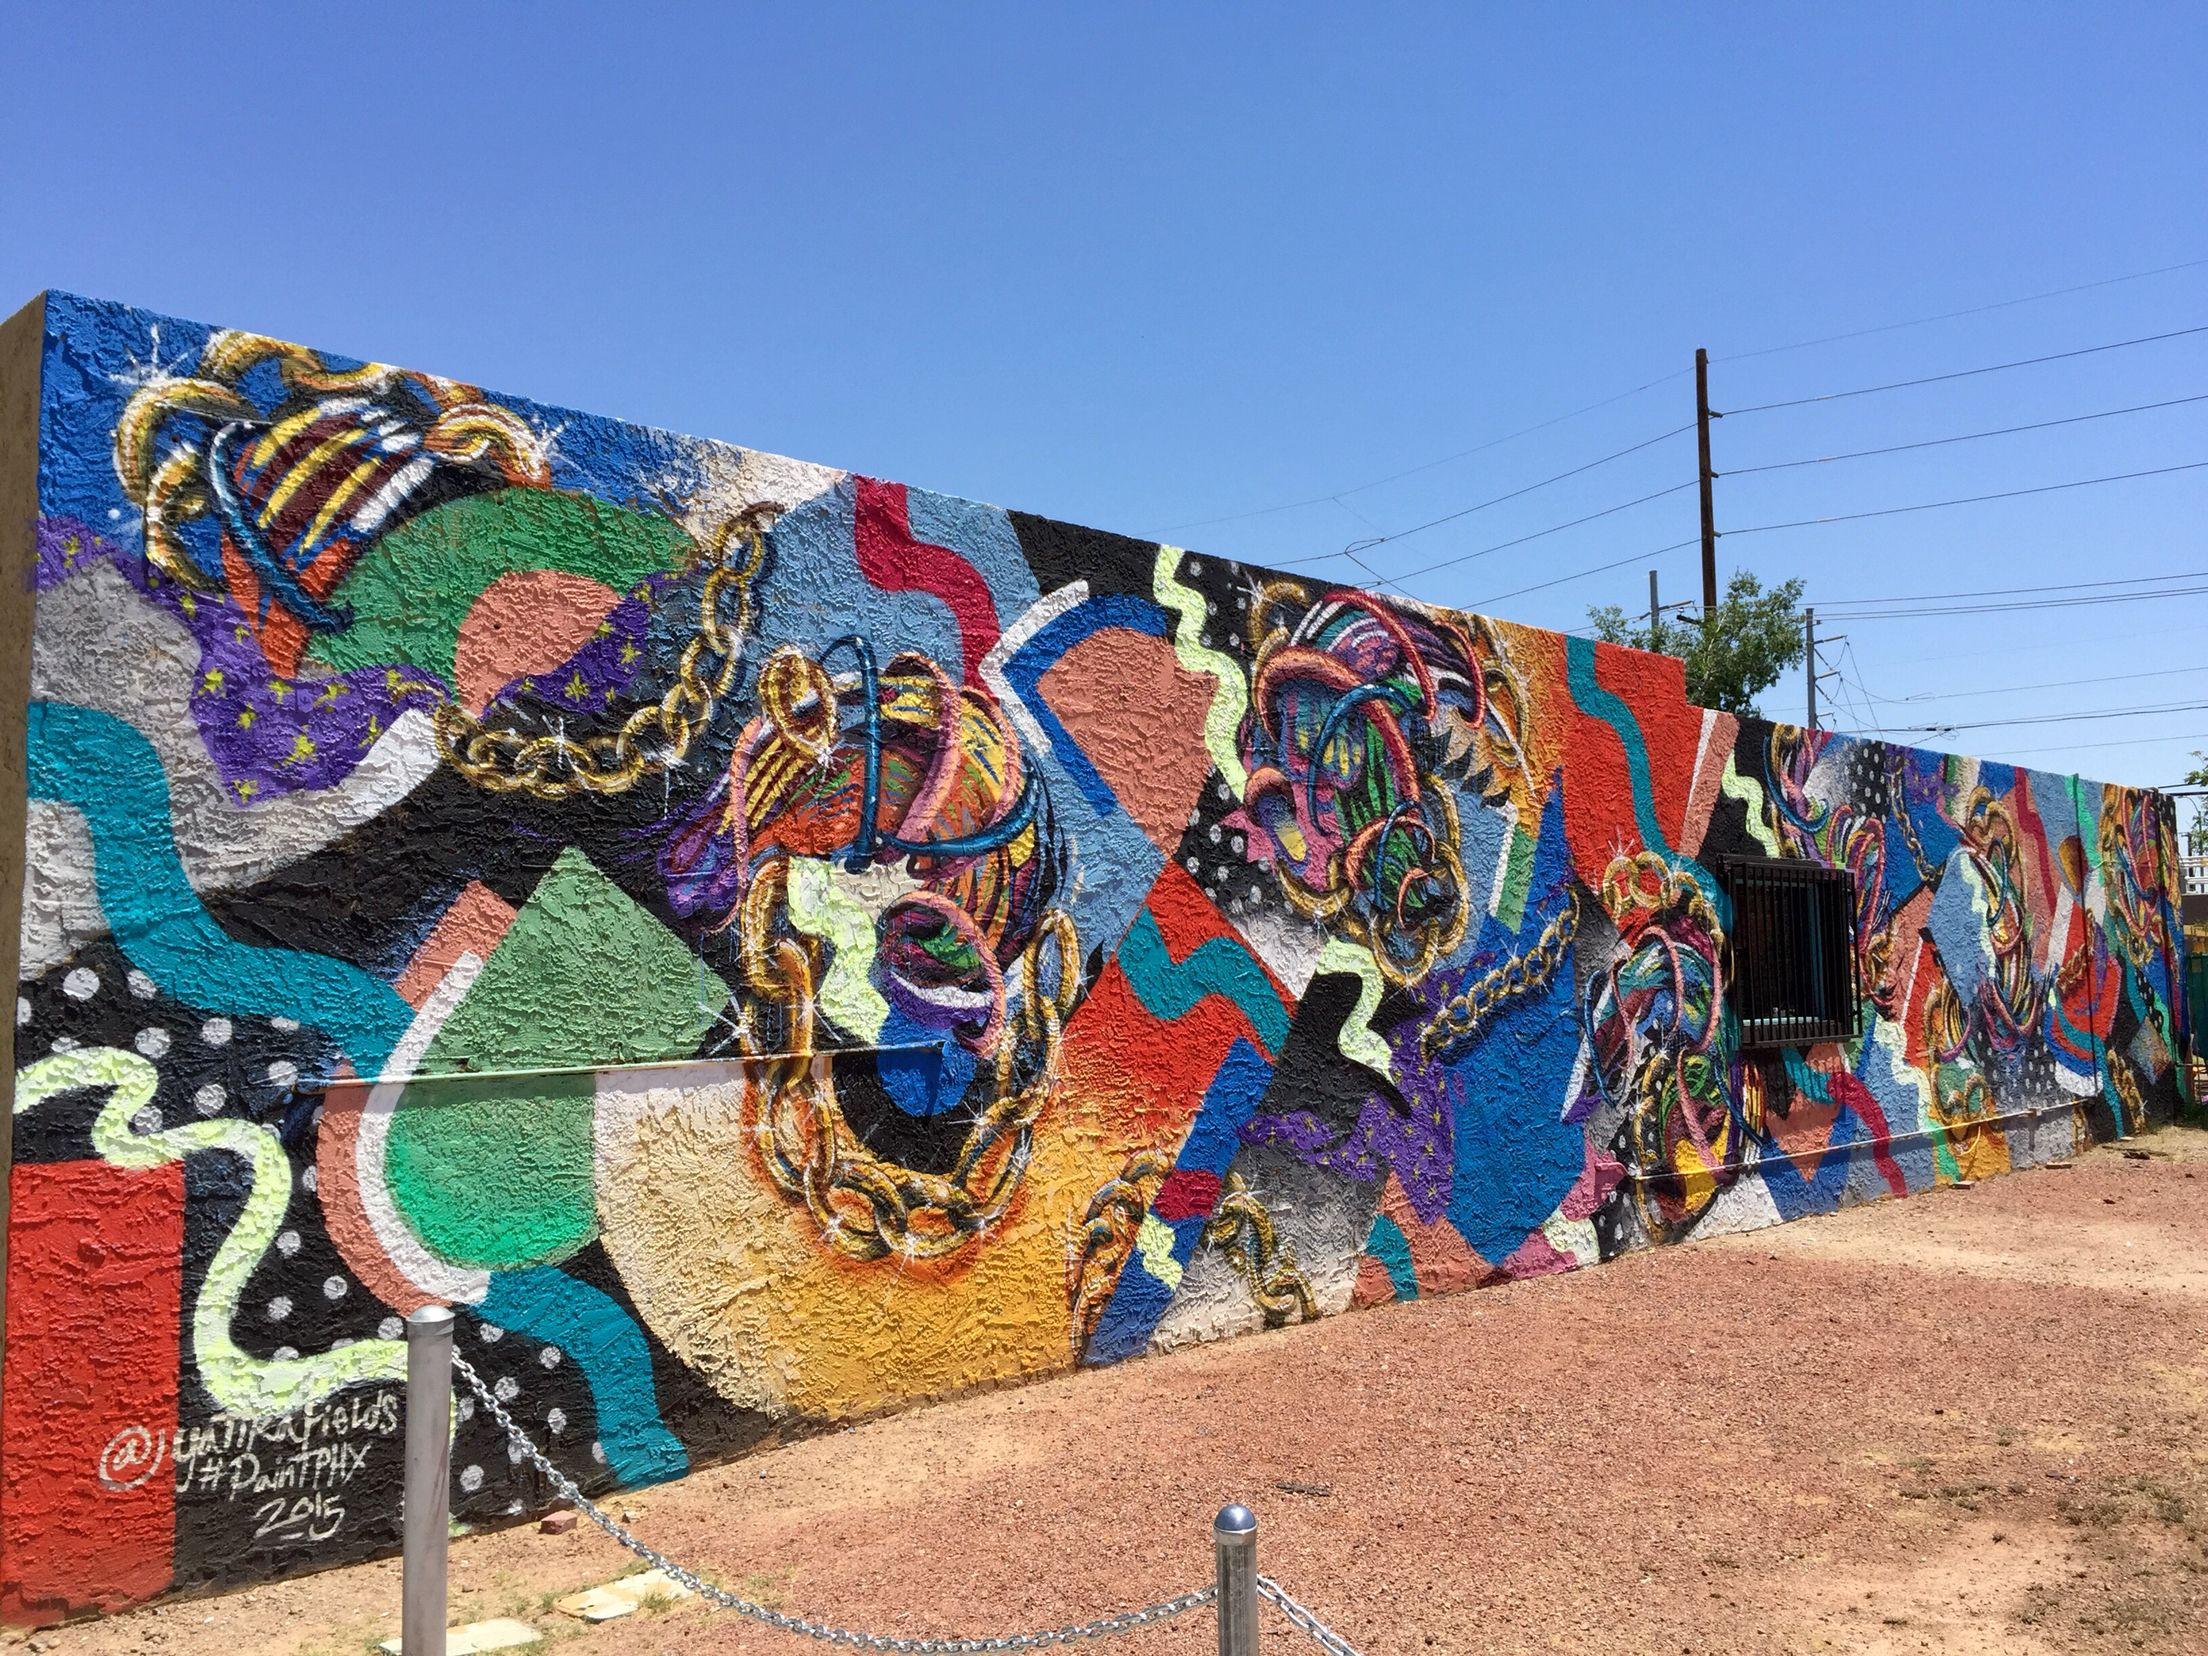 Roosevelt Row Art S District Downtown Phoenix Phoenix Az Wallart Urban Art Mural Street Art Urban Art Murals Street Art City Art